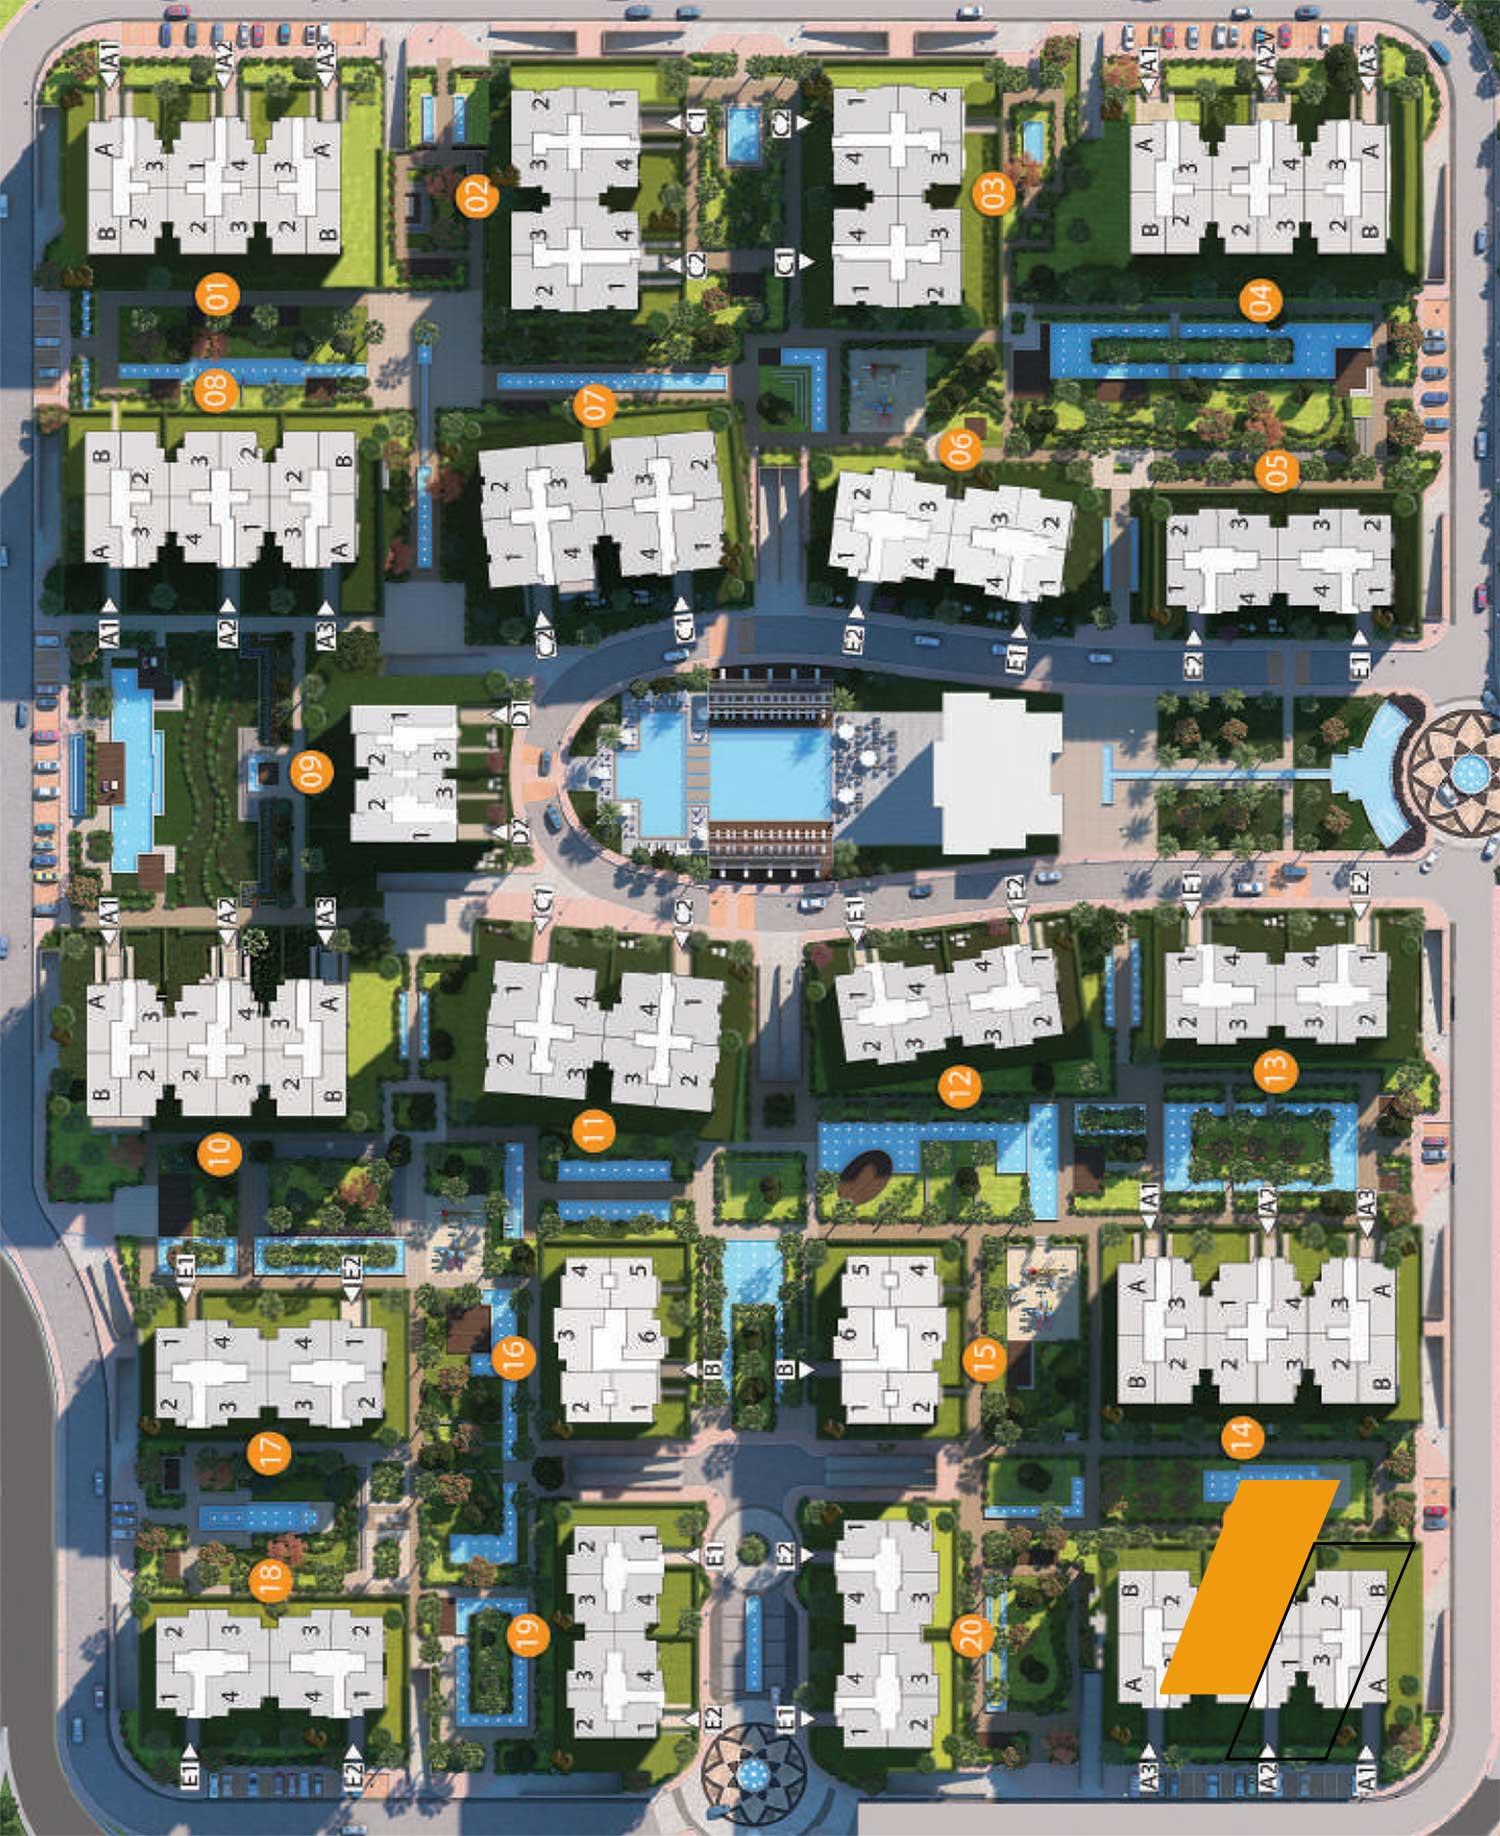 Dejoya 3 - Master plan image - Flash property                                                style=